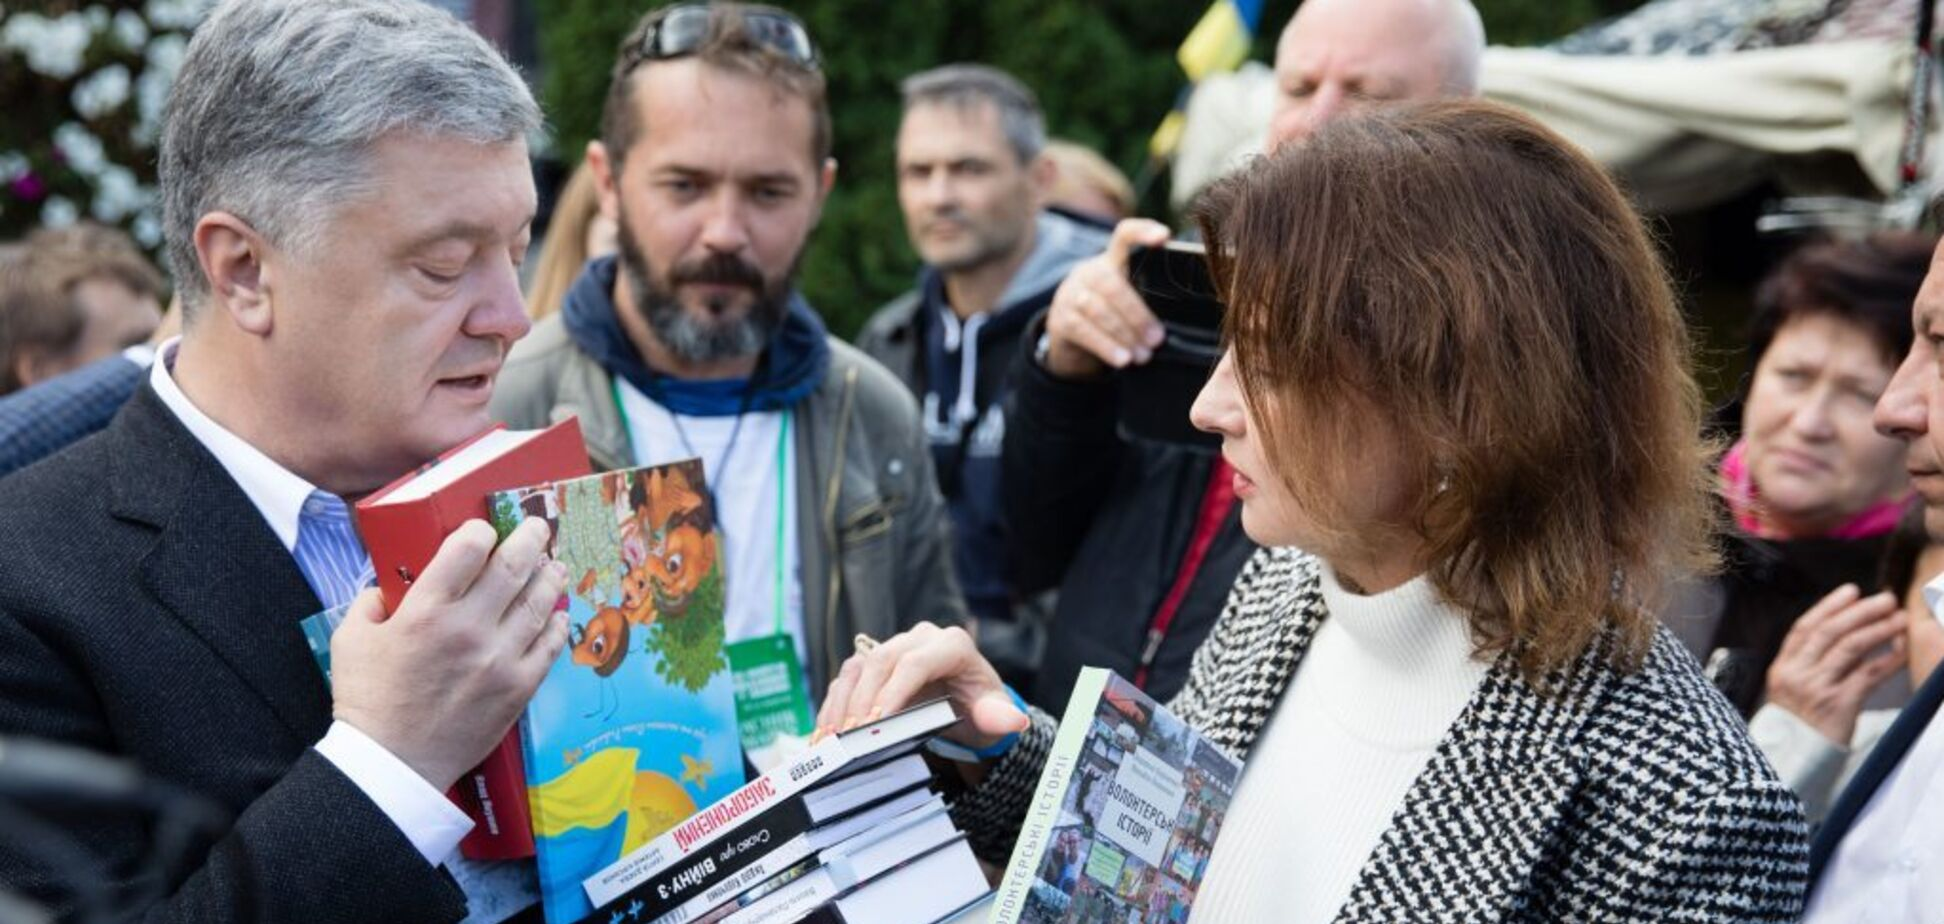 'Це фантастична українська і патріотична атмосфера': Порошенко відвідав книжковий форум у Львові